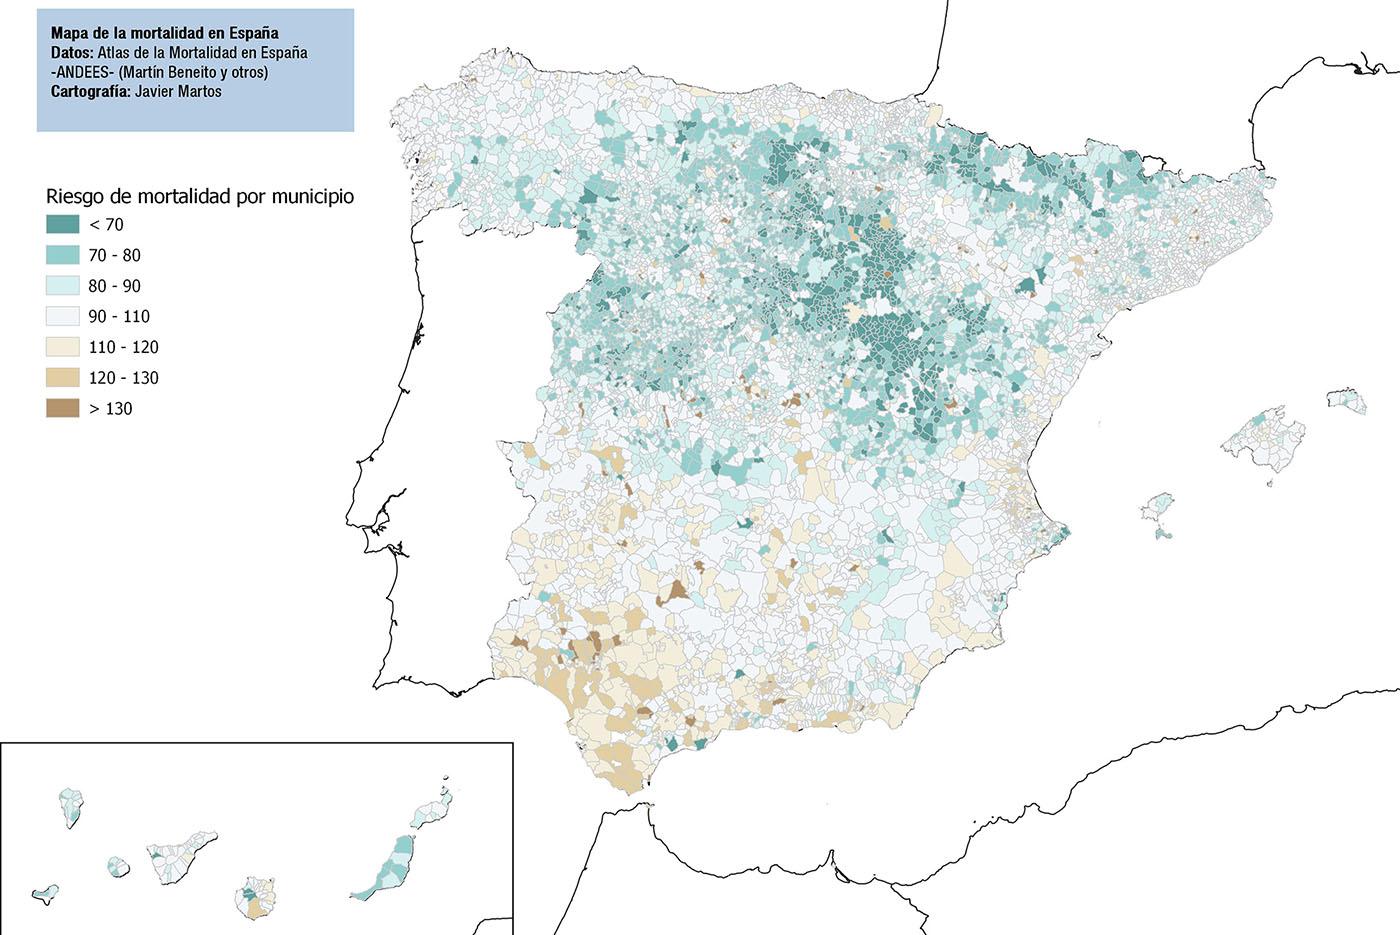 Atlas de la mortalidad en España